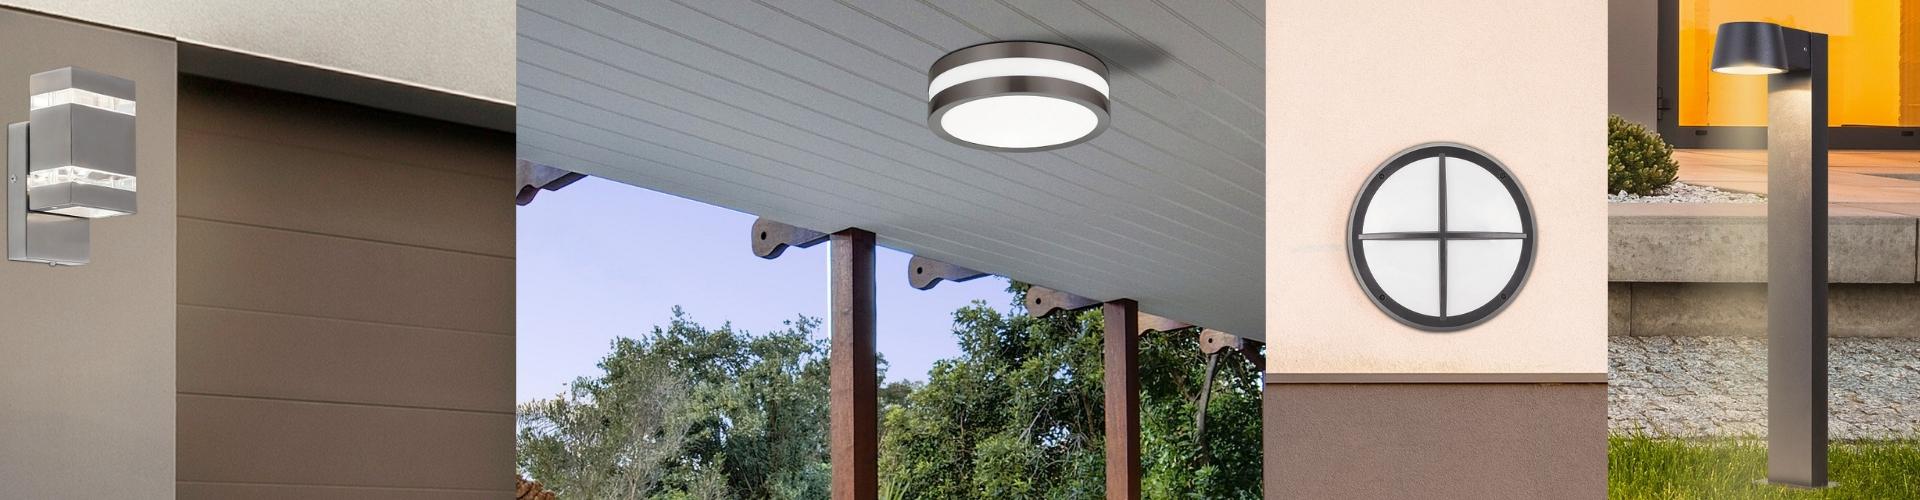 LED-Außenleuchten